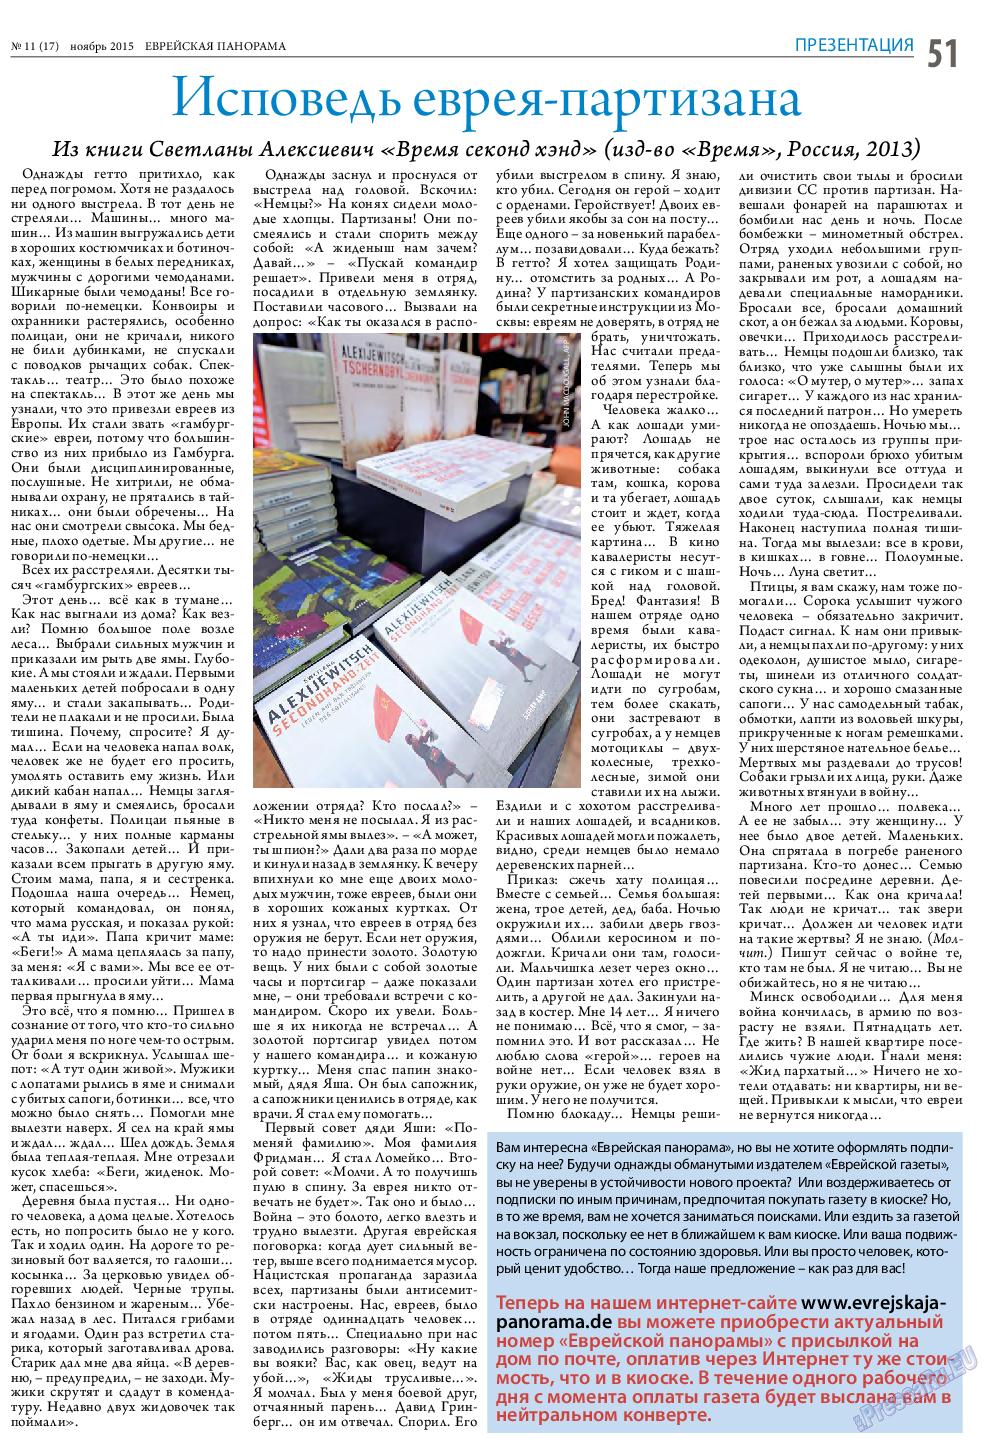 Еврейская панорама (газета). 2015 год, номер 11, стр. 51